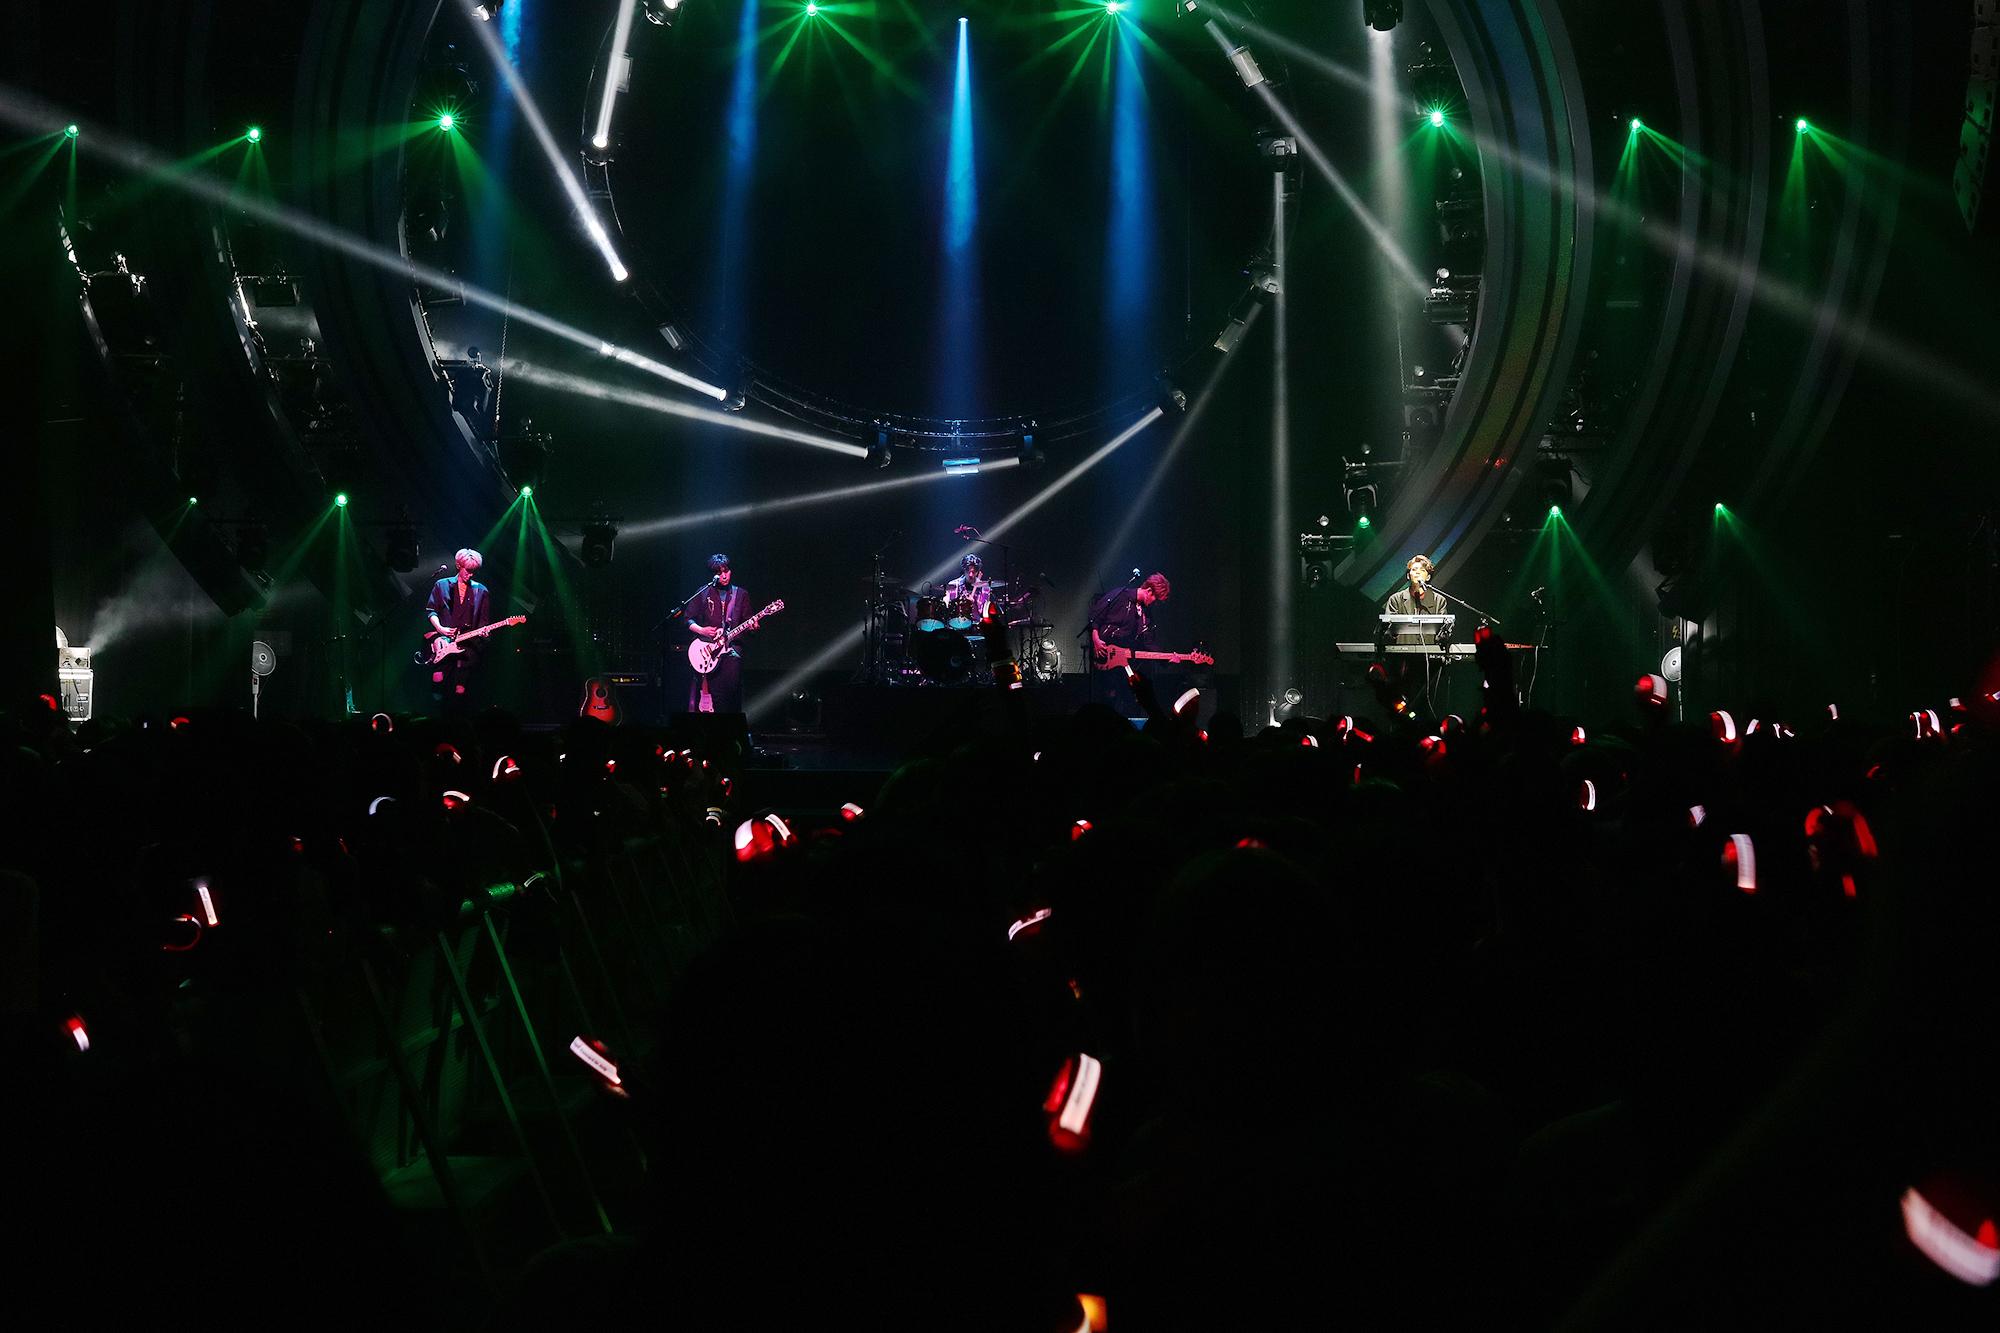 데이식스(DAY6) , 콘서트로 '믿듣데' 수식어를 증명하다! [종합]